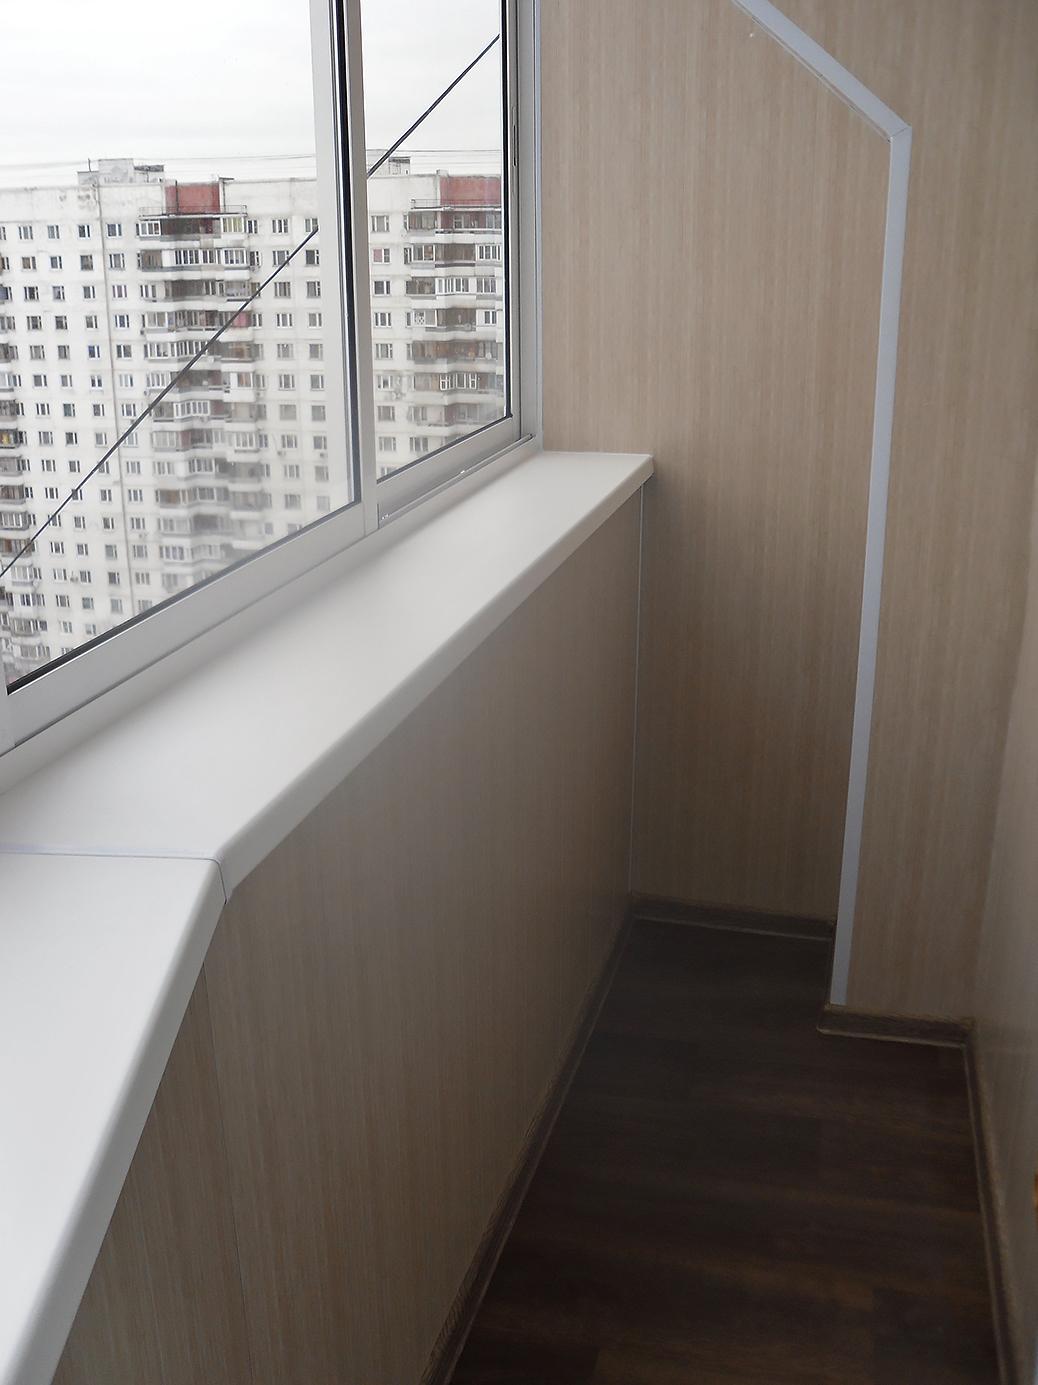 Стоимость балкона с выносом по подоконнику, полу - 3290 р м.